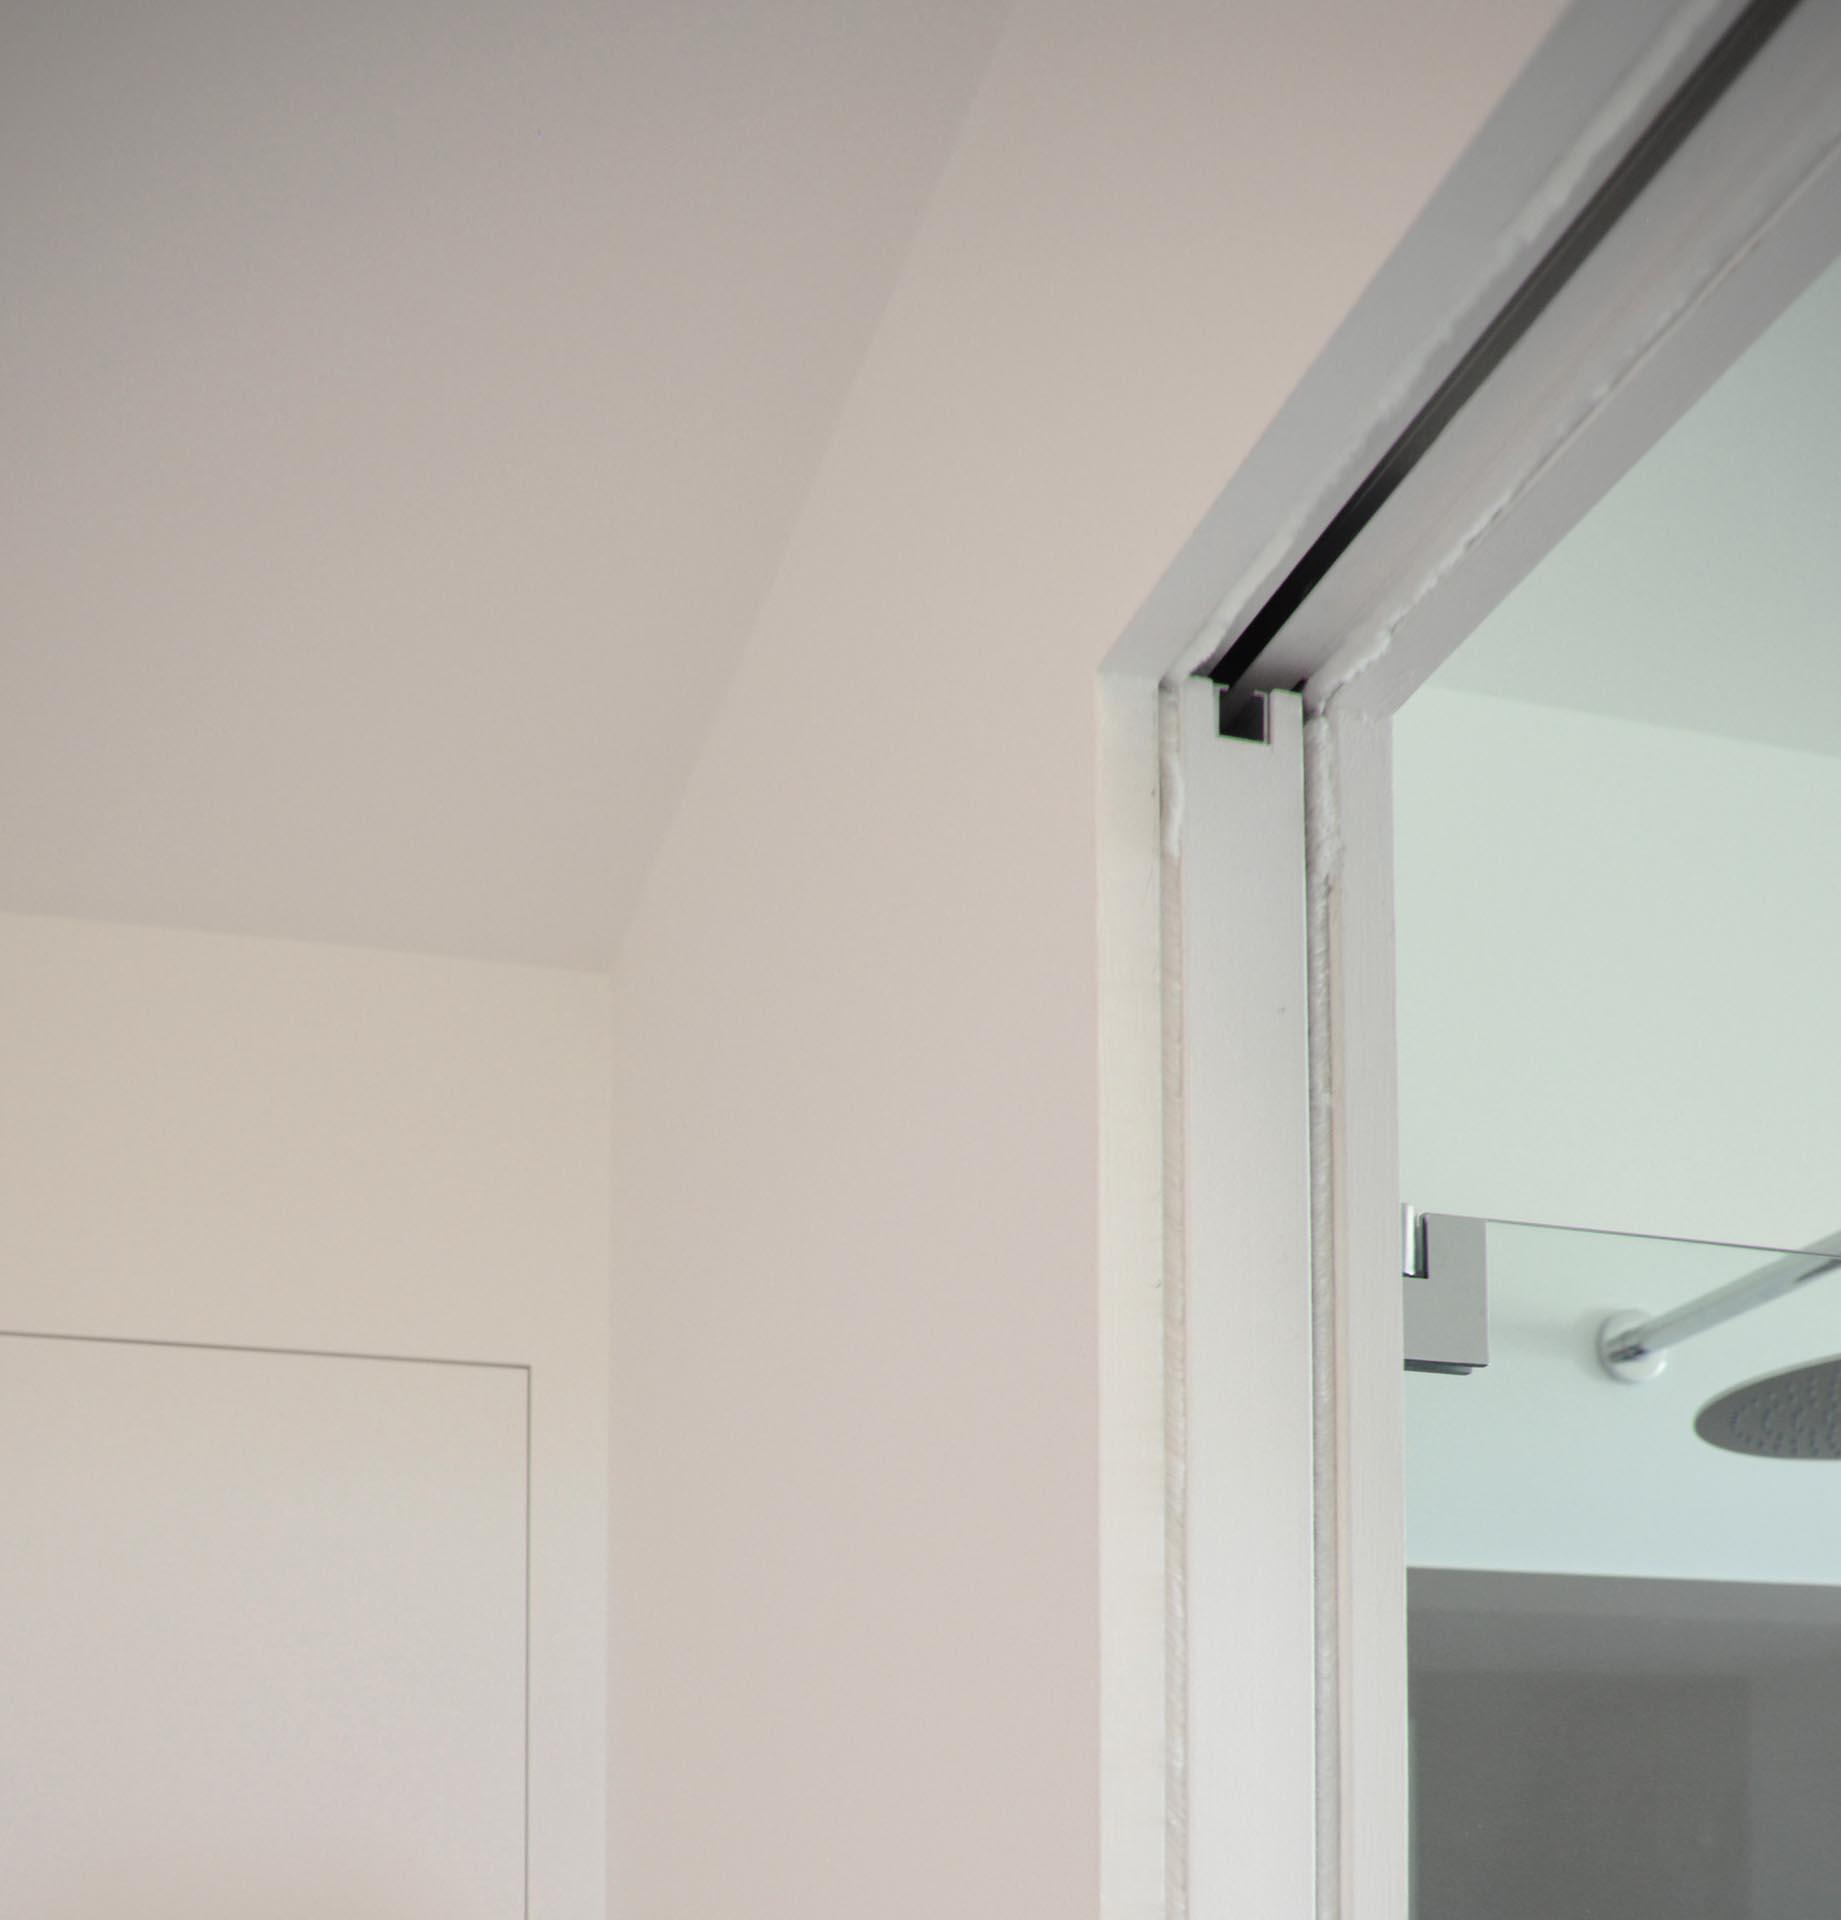 Montaggio porta scorrevole interno muro with montaggio - Montaggio porta scorrevole scrigno ...